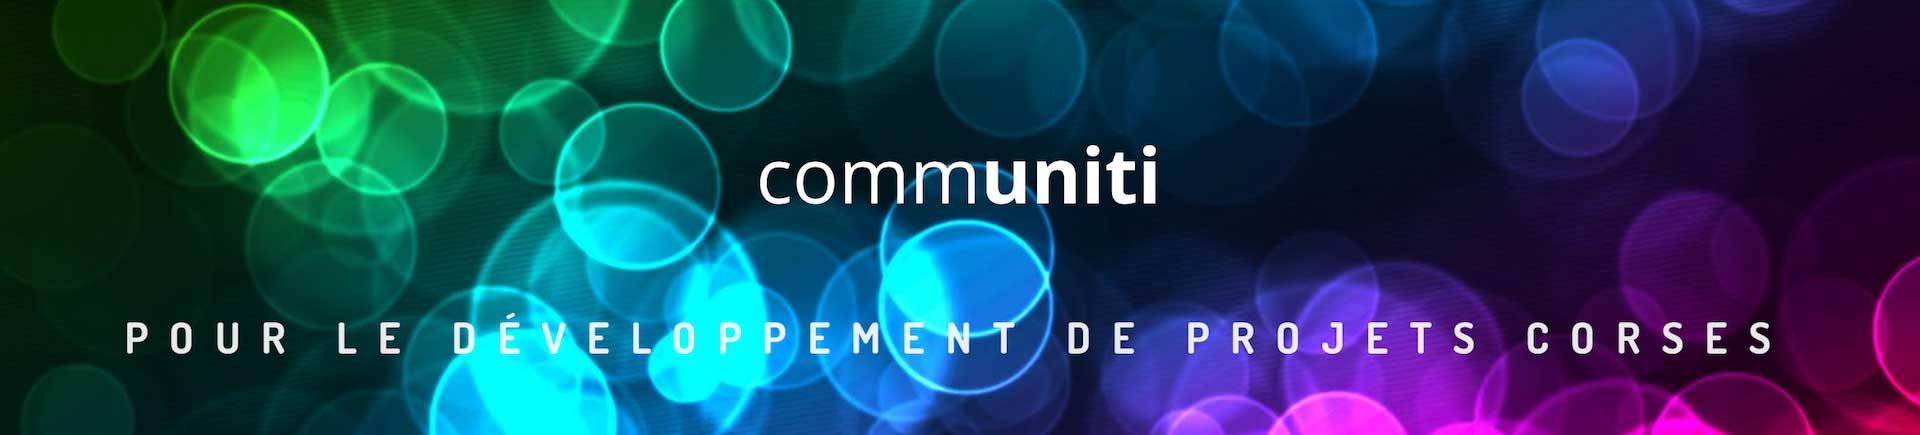 communiti-corse